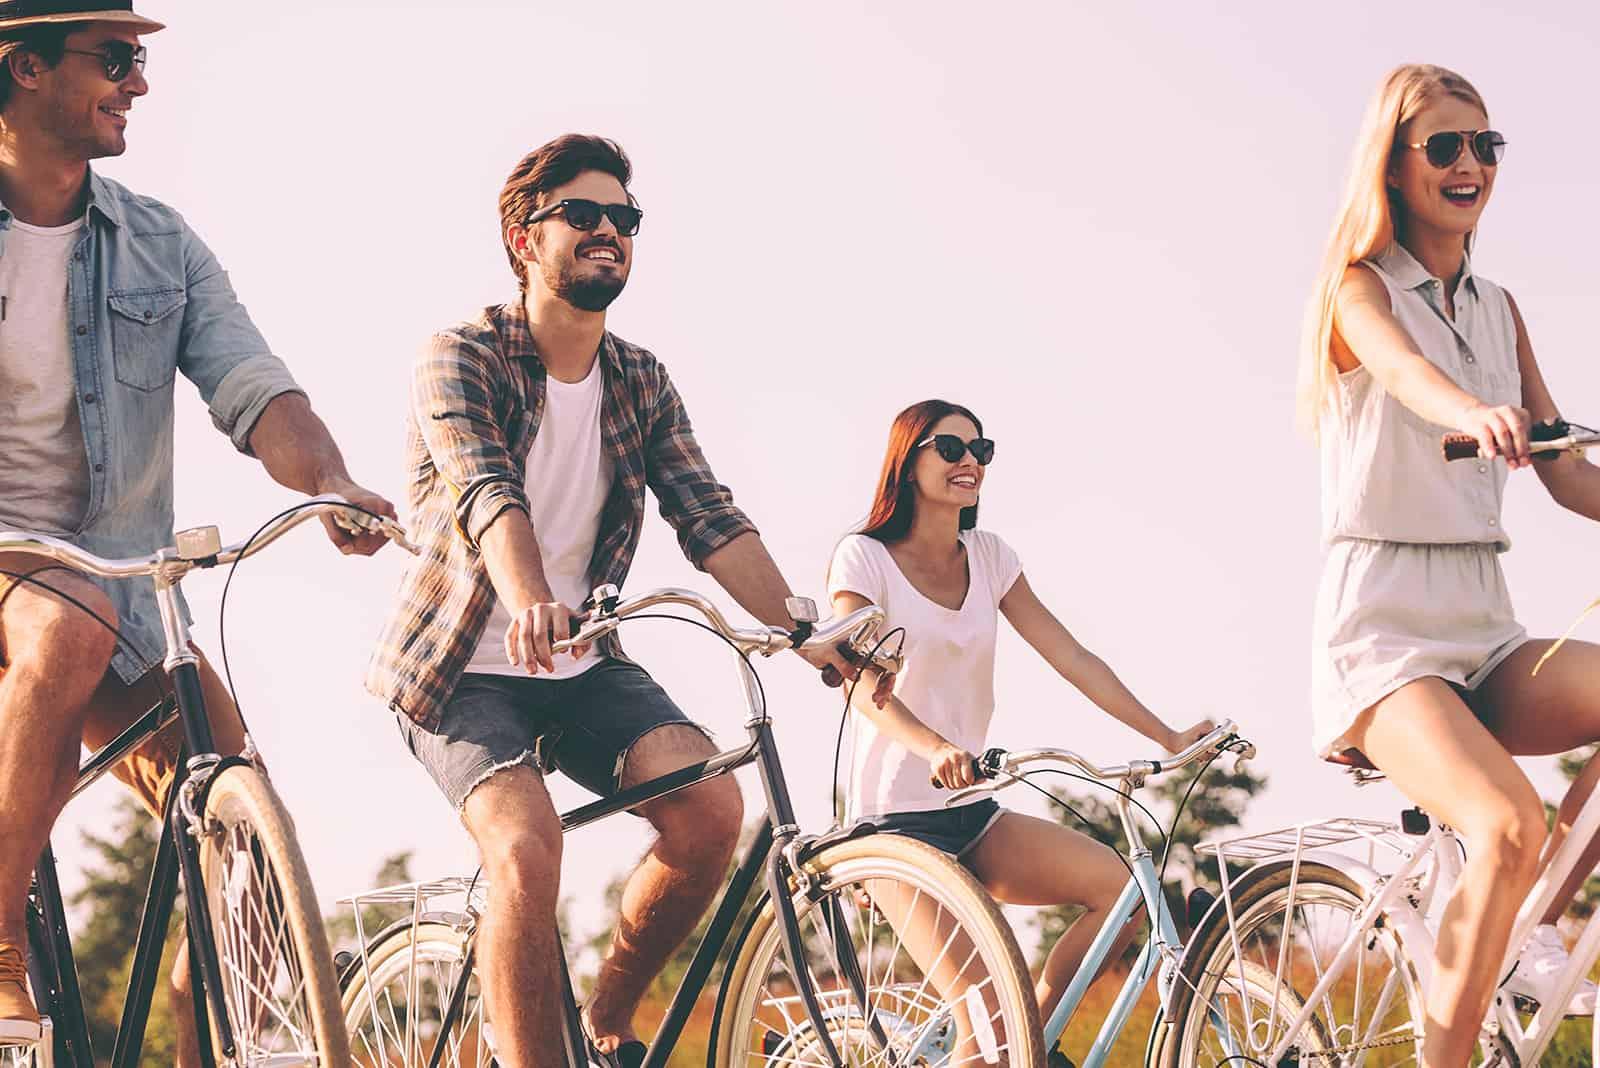 vier fröhliche Freunde, die an einem sonnigen Tag Fahrrad fahren